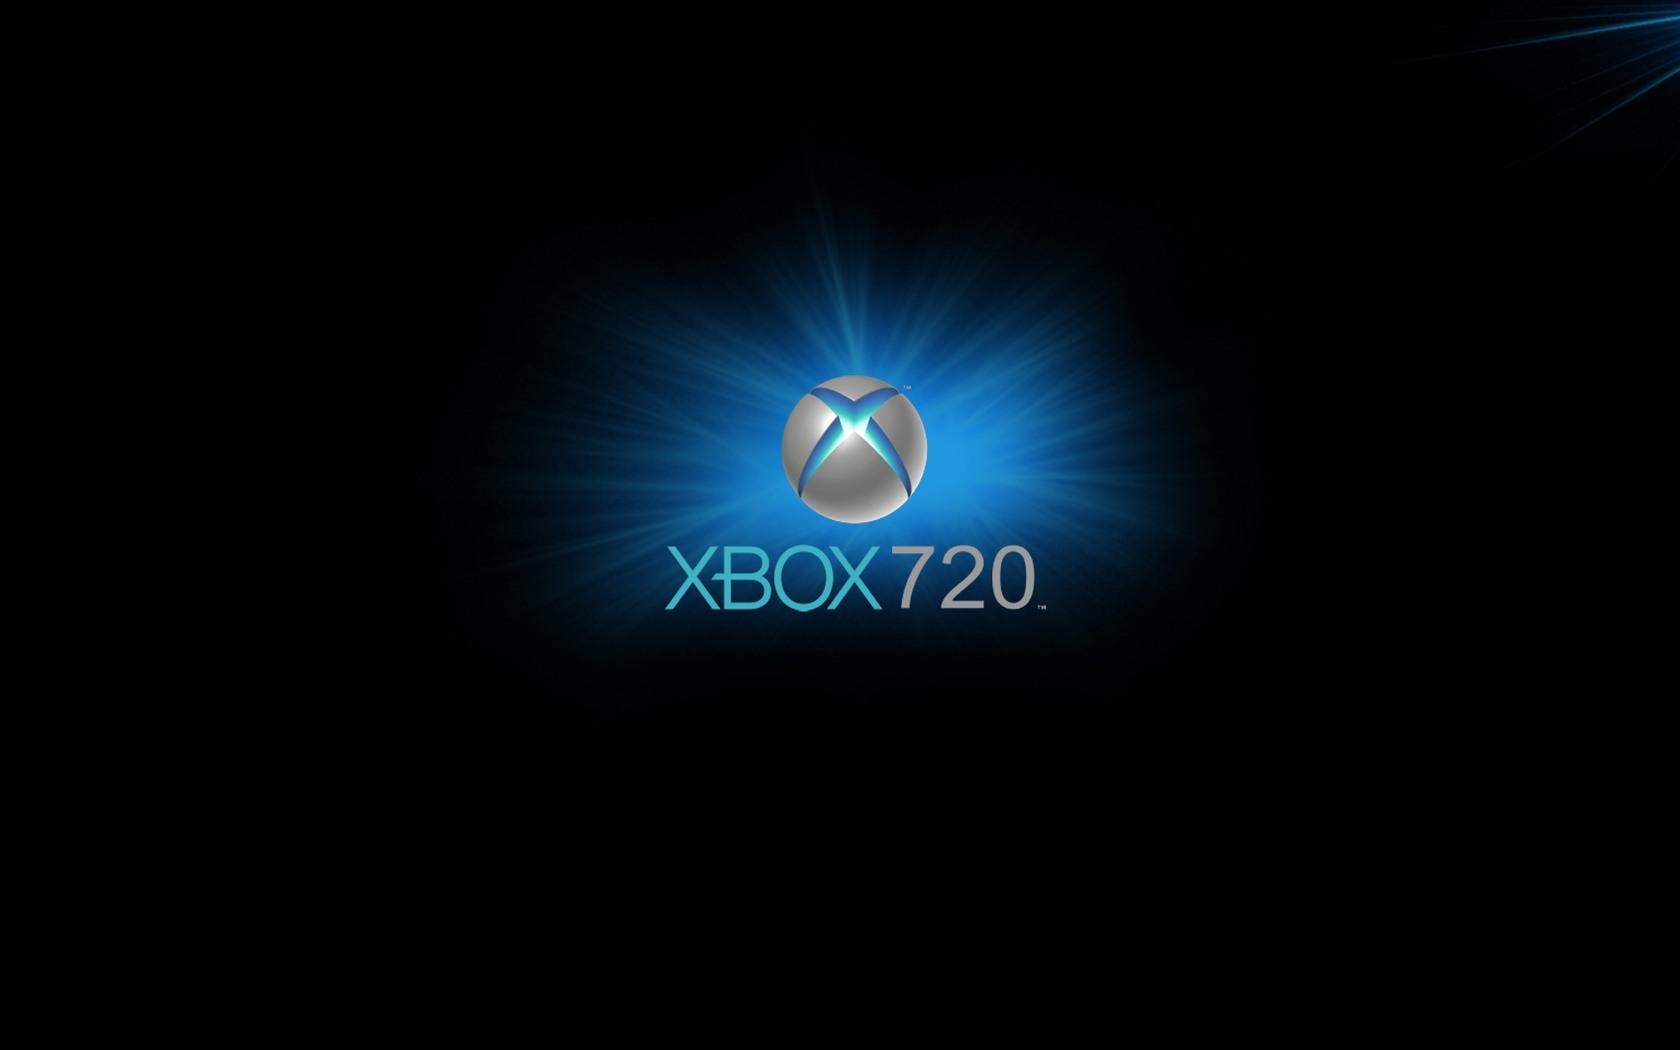 xbox_720_wallpaper_logo